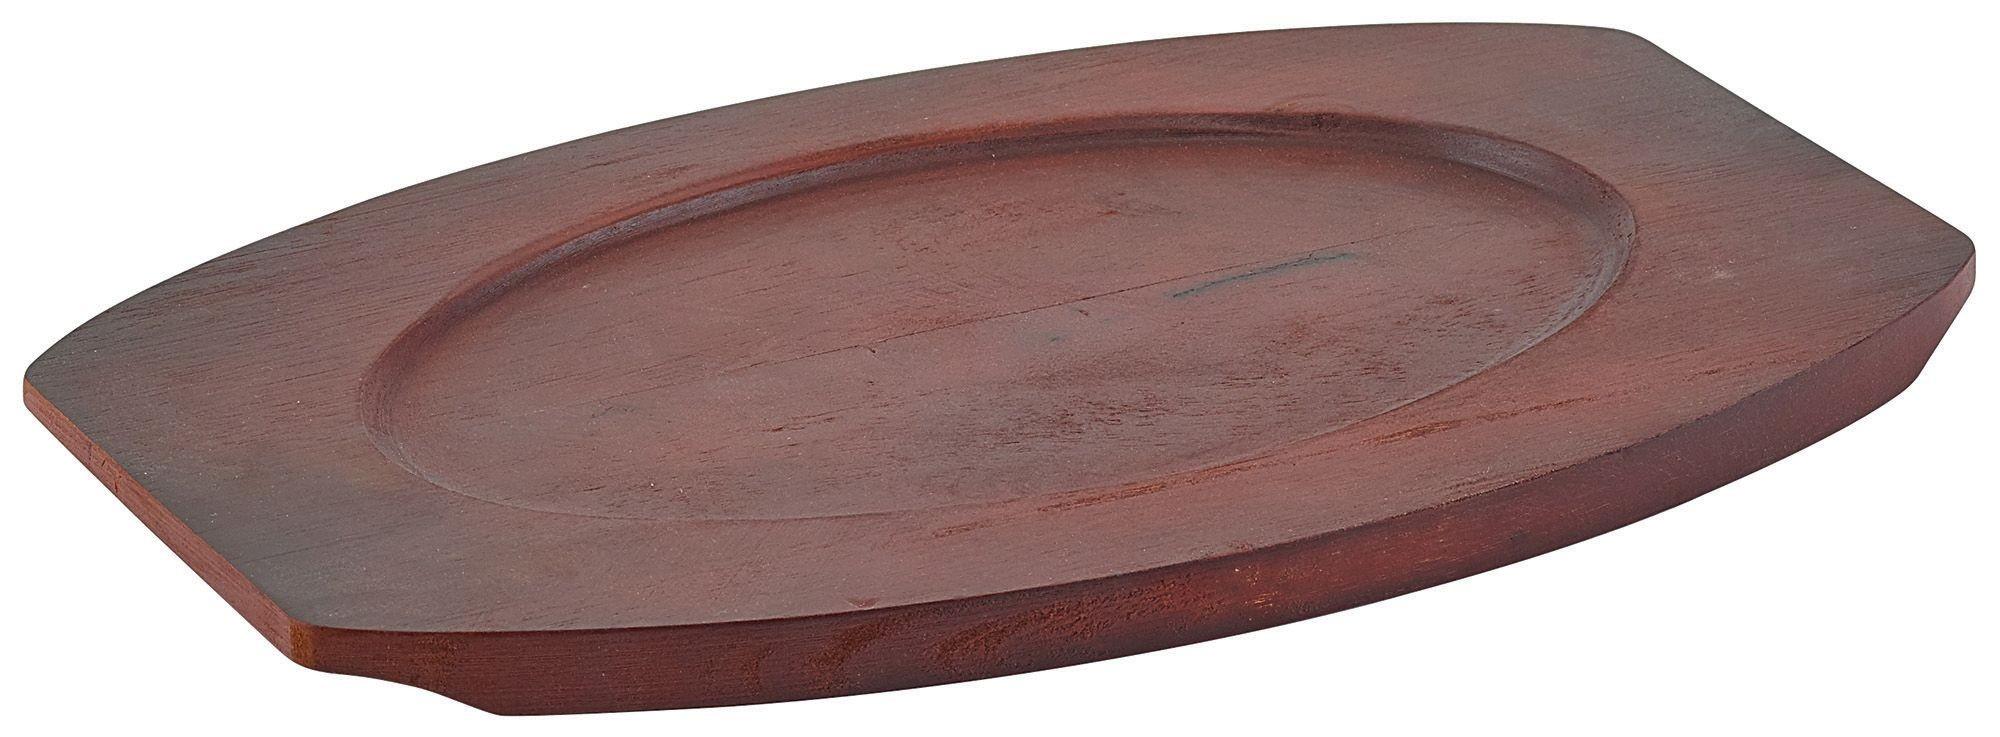 """Winco APL-12UL Wood Underliner for 12"""" Oval Sizzling Platter"""